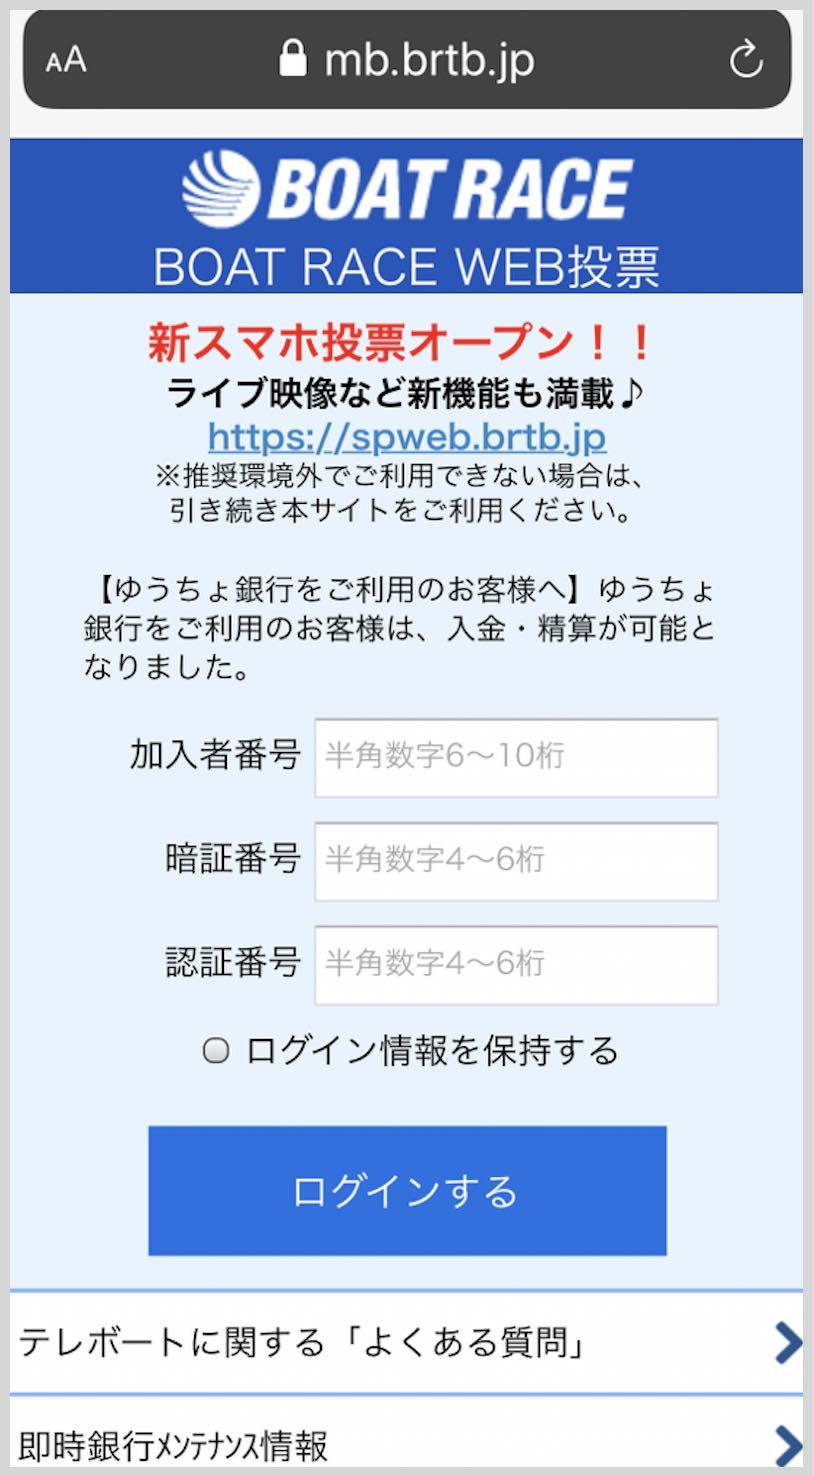 競艇ボートレースの舟券をネットで買う、競艇ボートレース投票サイトのTOP